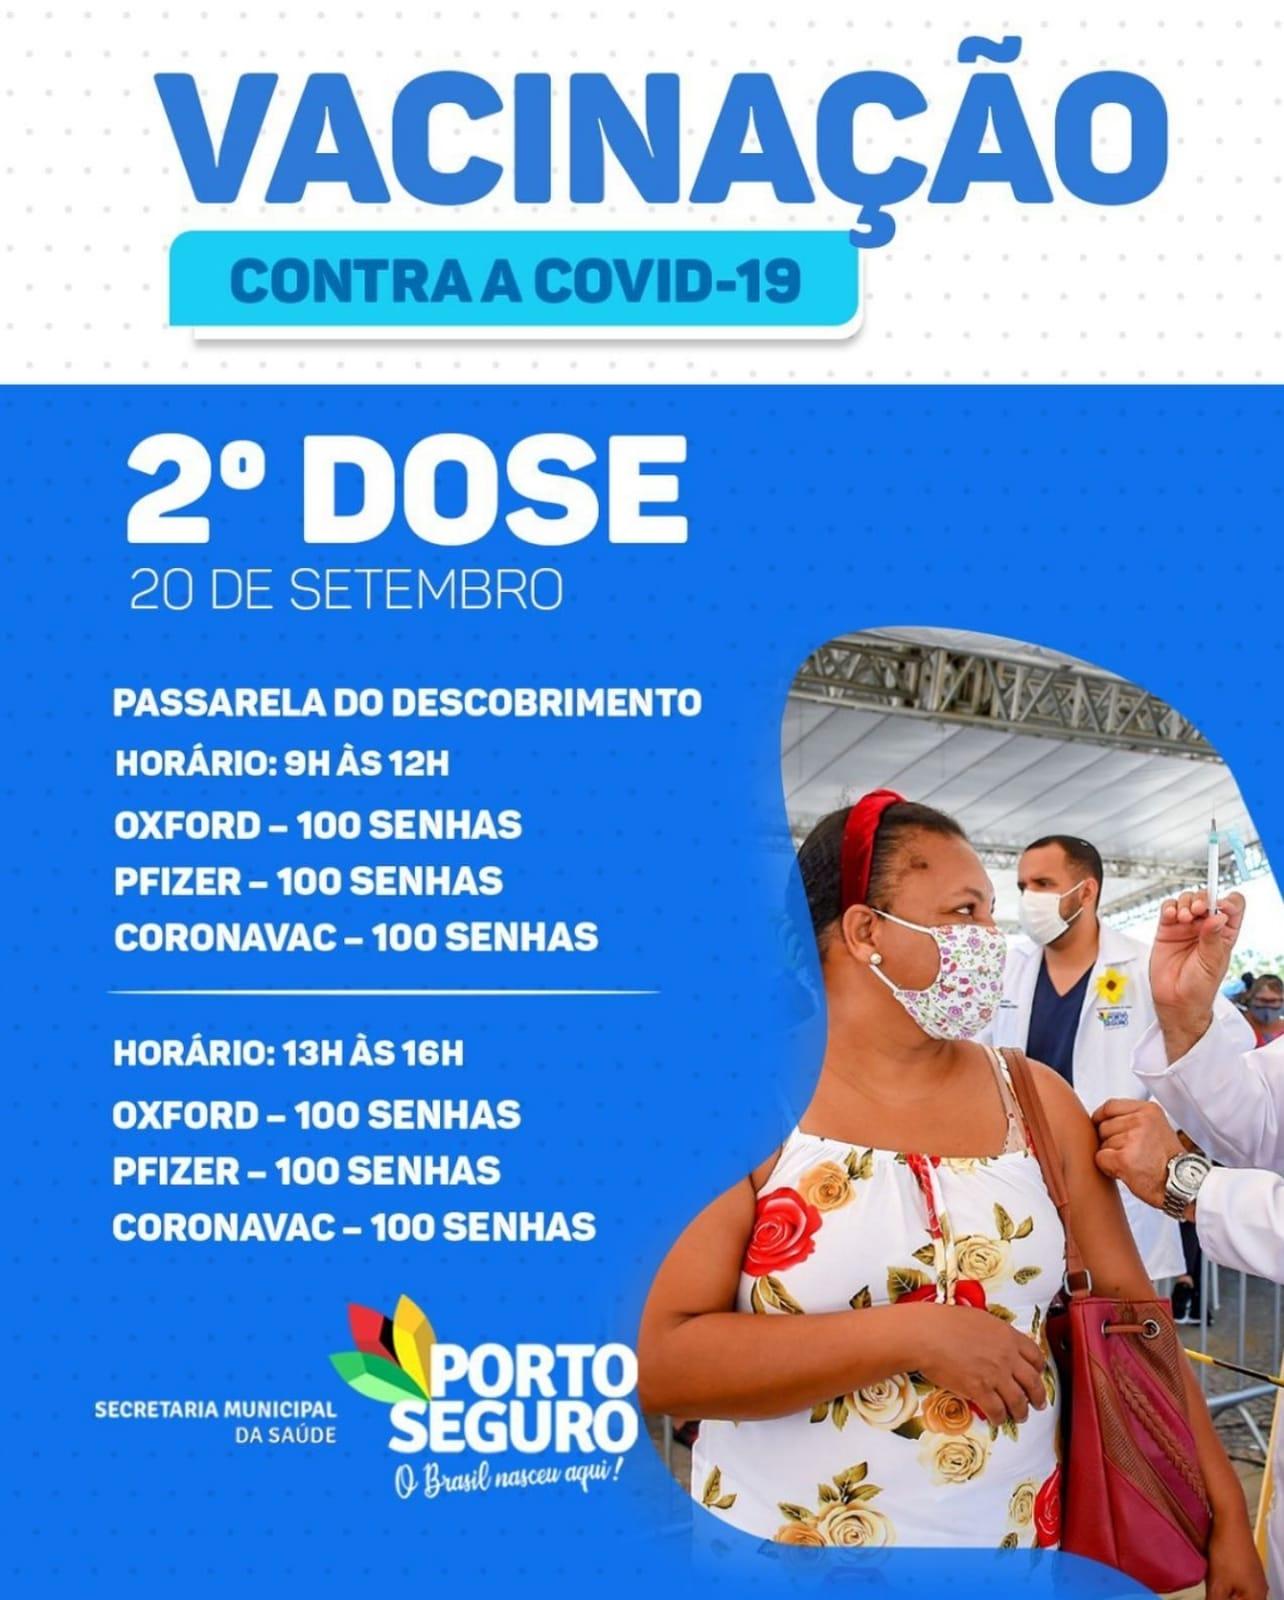 Porto Seguro: Cronograma de Vacinação contra a Covid-19; de 20 a 22 de setembro 29